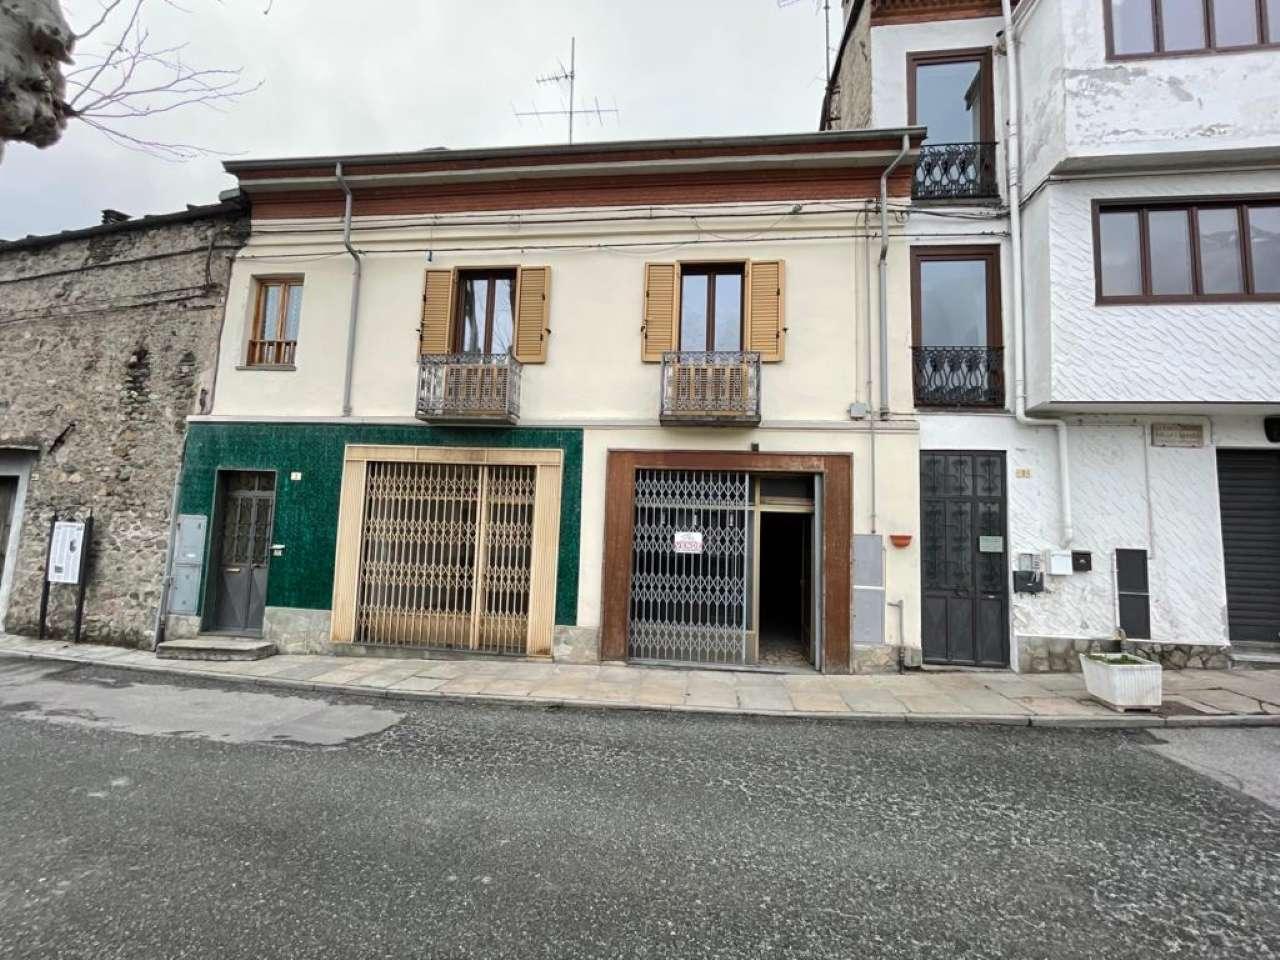 Negozio / Locale in vendita a Bussoleno, 3 locali, prezzo € 19.500 | CambioCasa.it